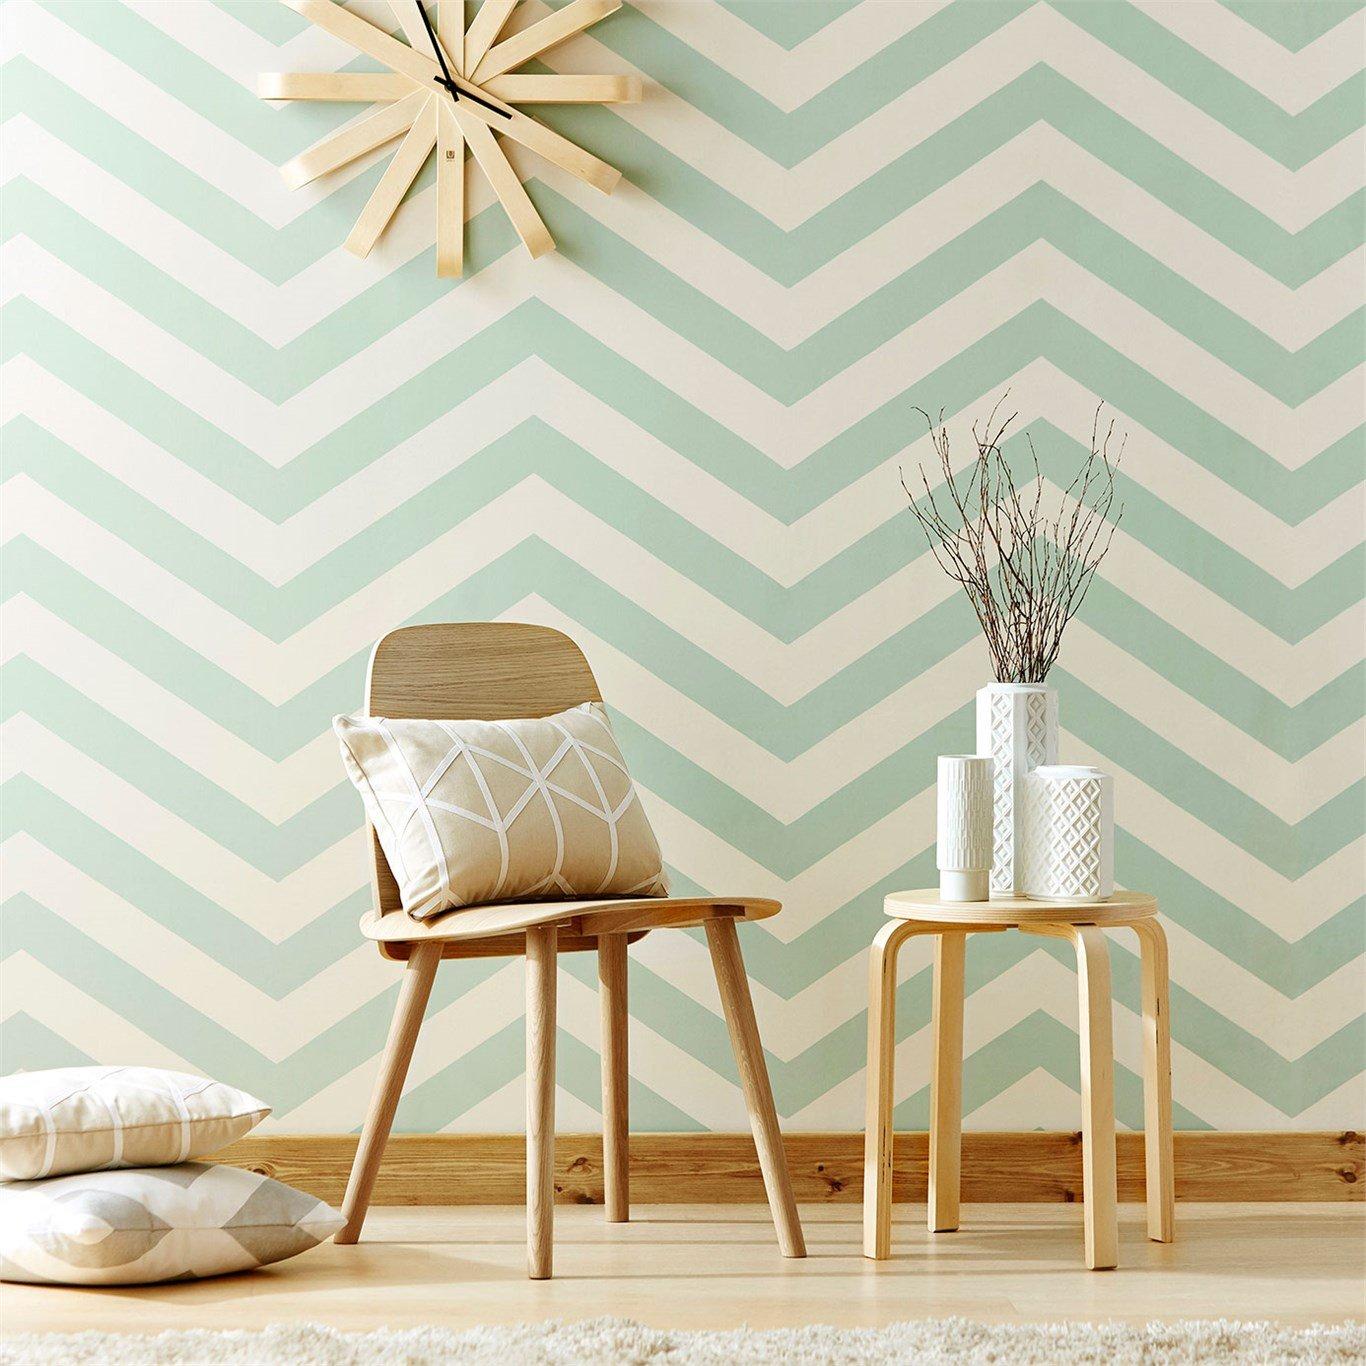 Kreative wandgestaltung wohnzimmer 41 diy ideen zum selbermachen wandverkleidung wohnzimmer - Diy wandgestaltung ...